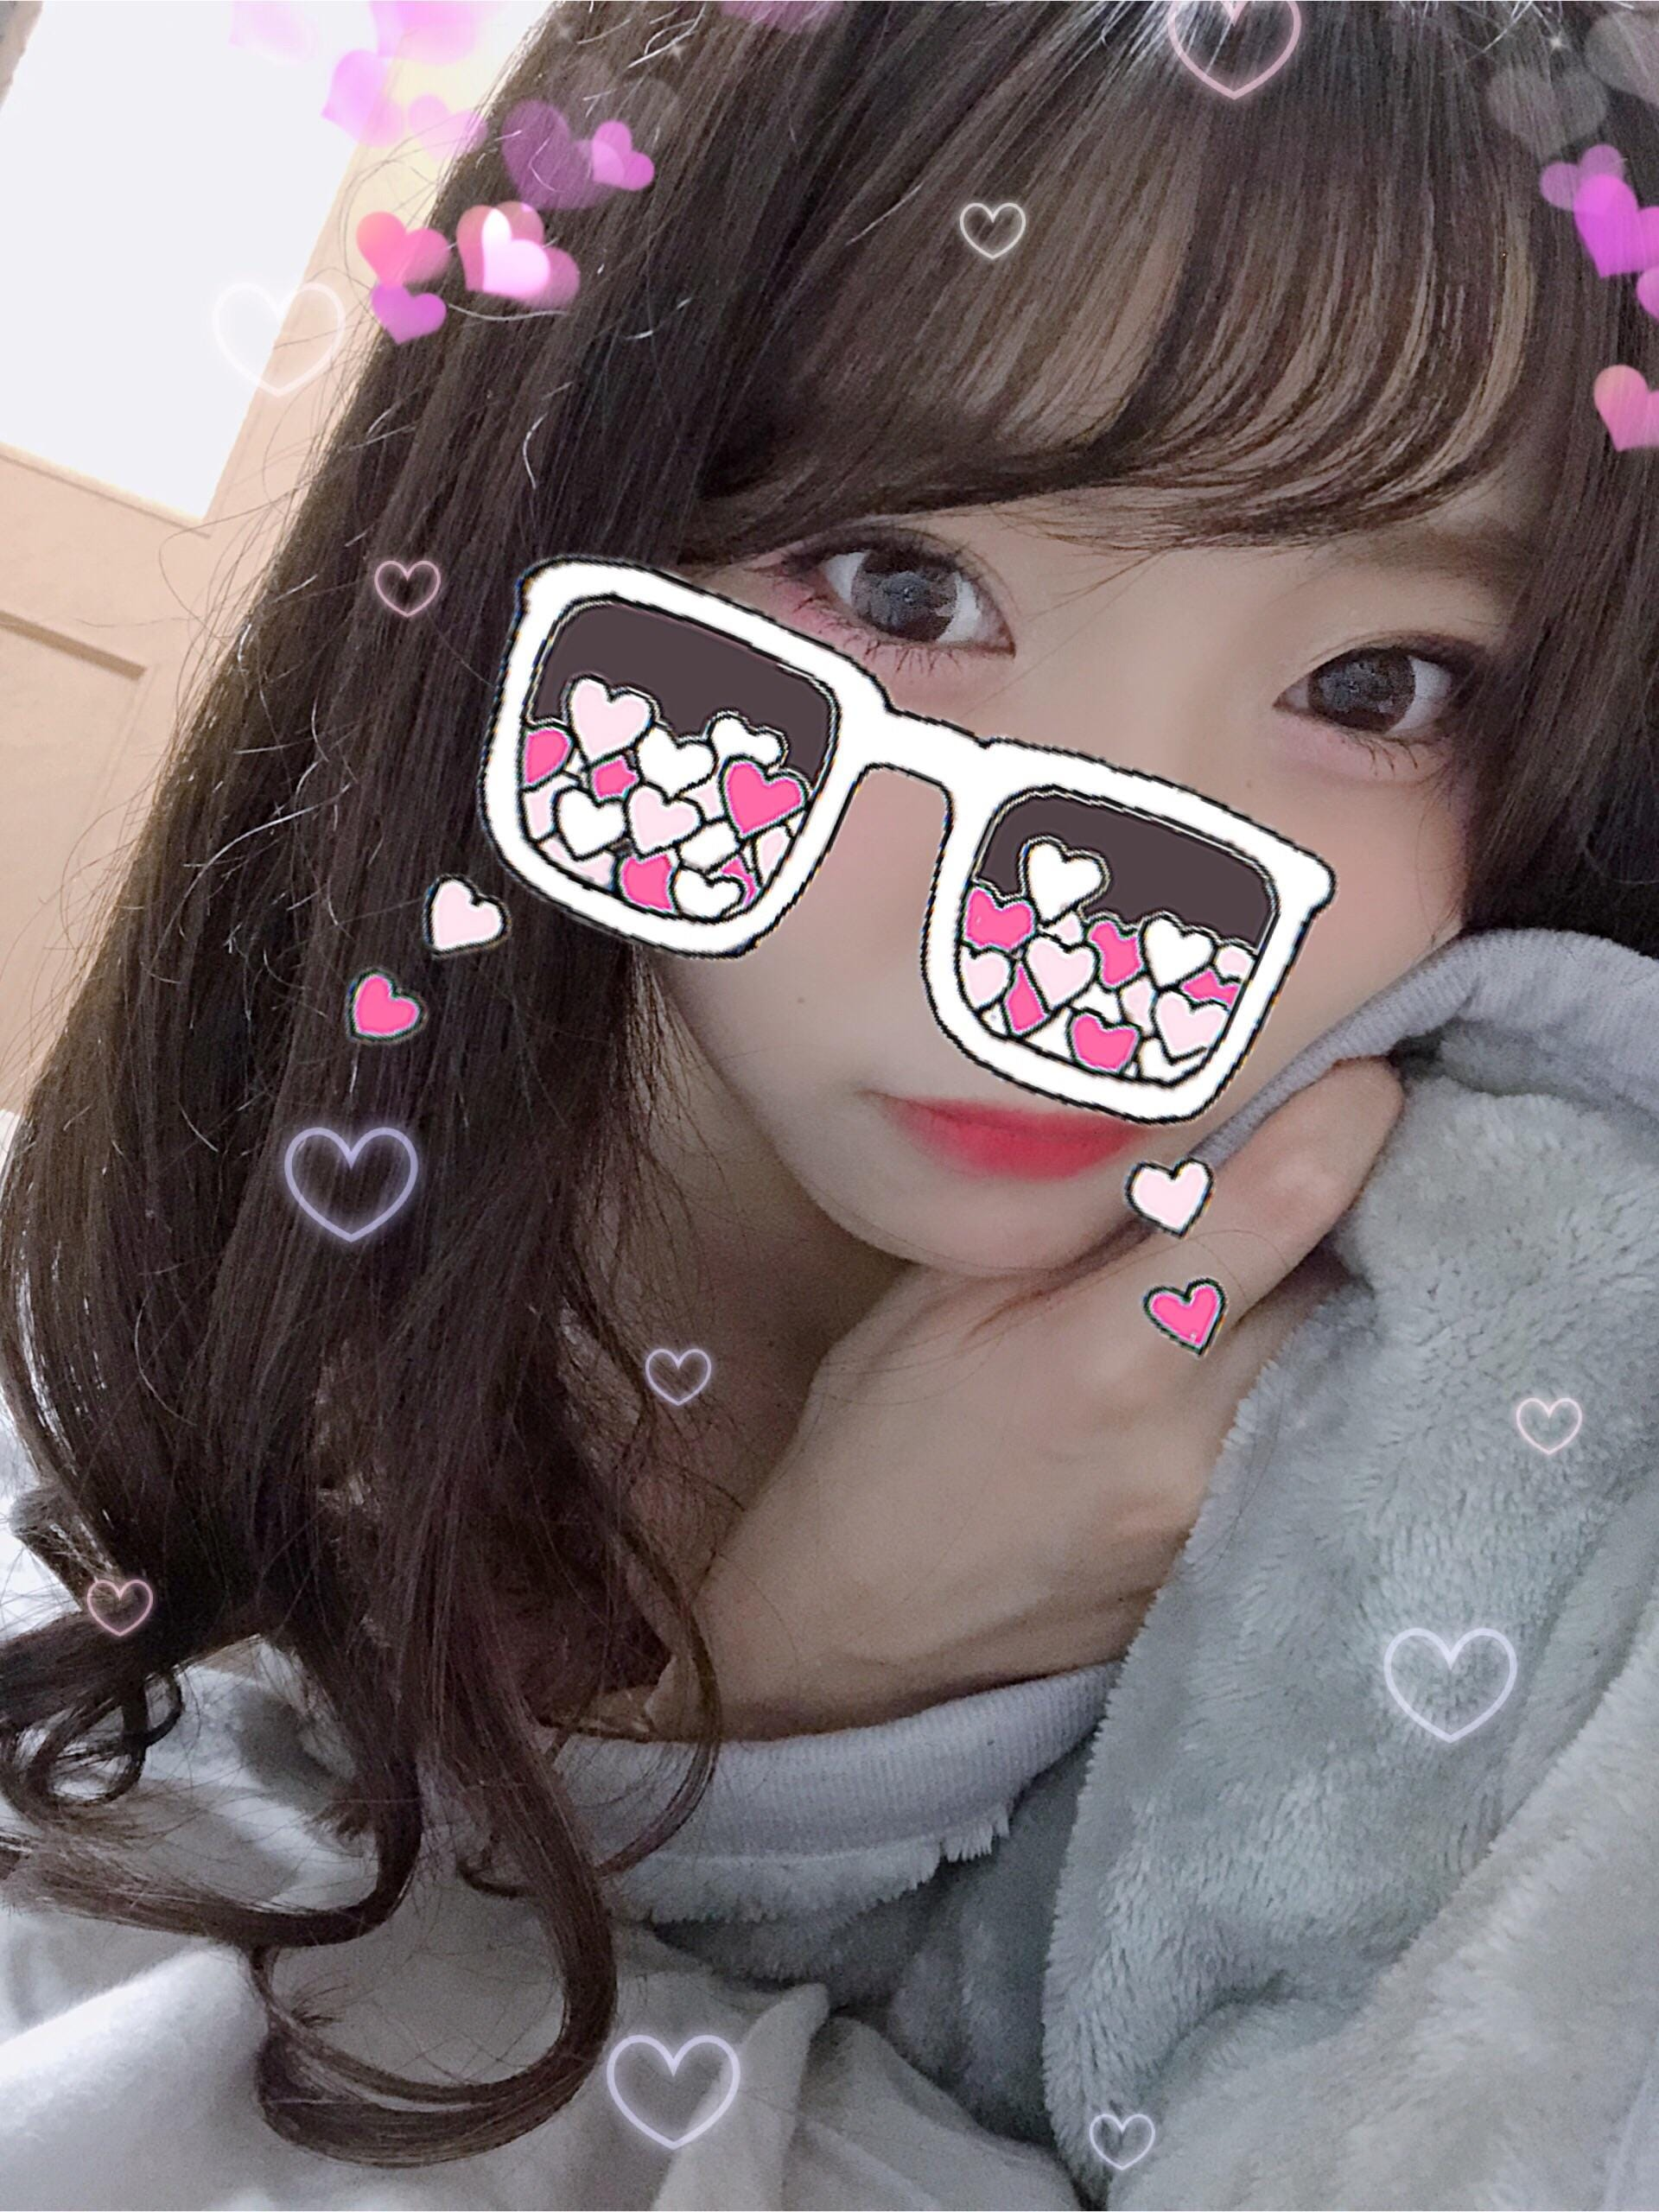 「♡食べたい♡」11/16(11/16) 21:40 | まいの写メ・風俗動画